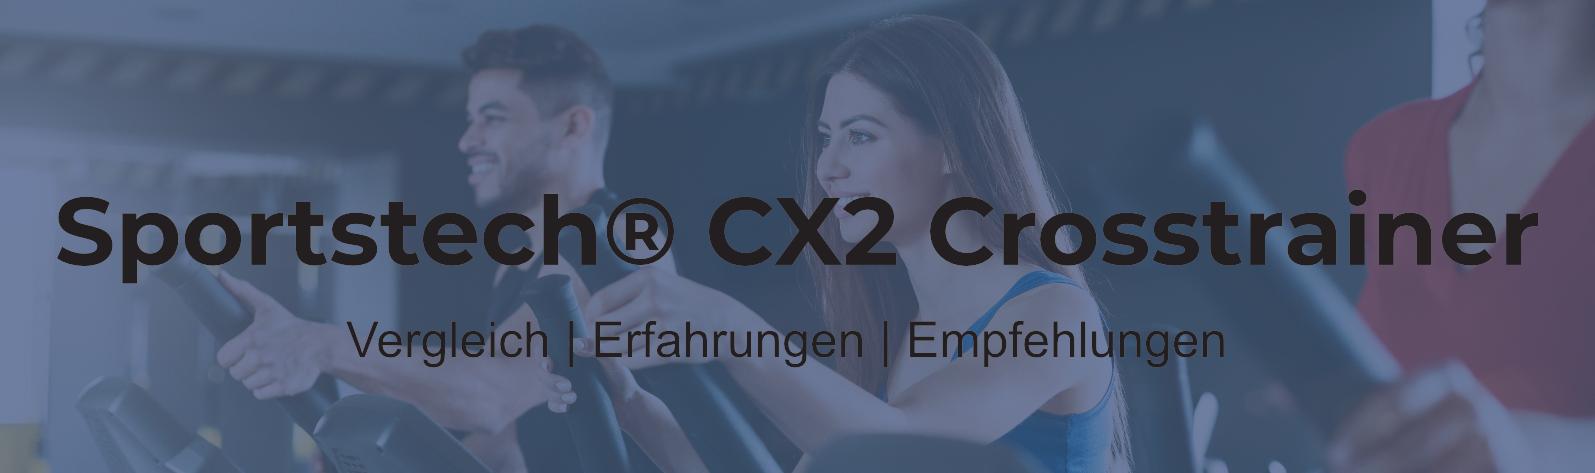 Sportstech CX2® Crosstrainer - ideales Preis-Leistungs-Verhältnis